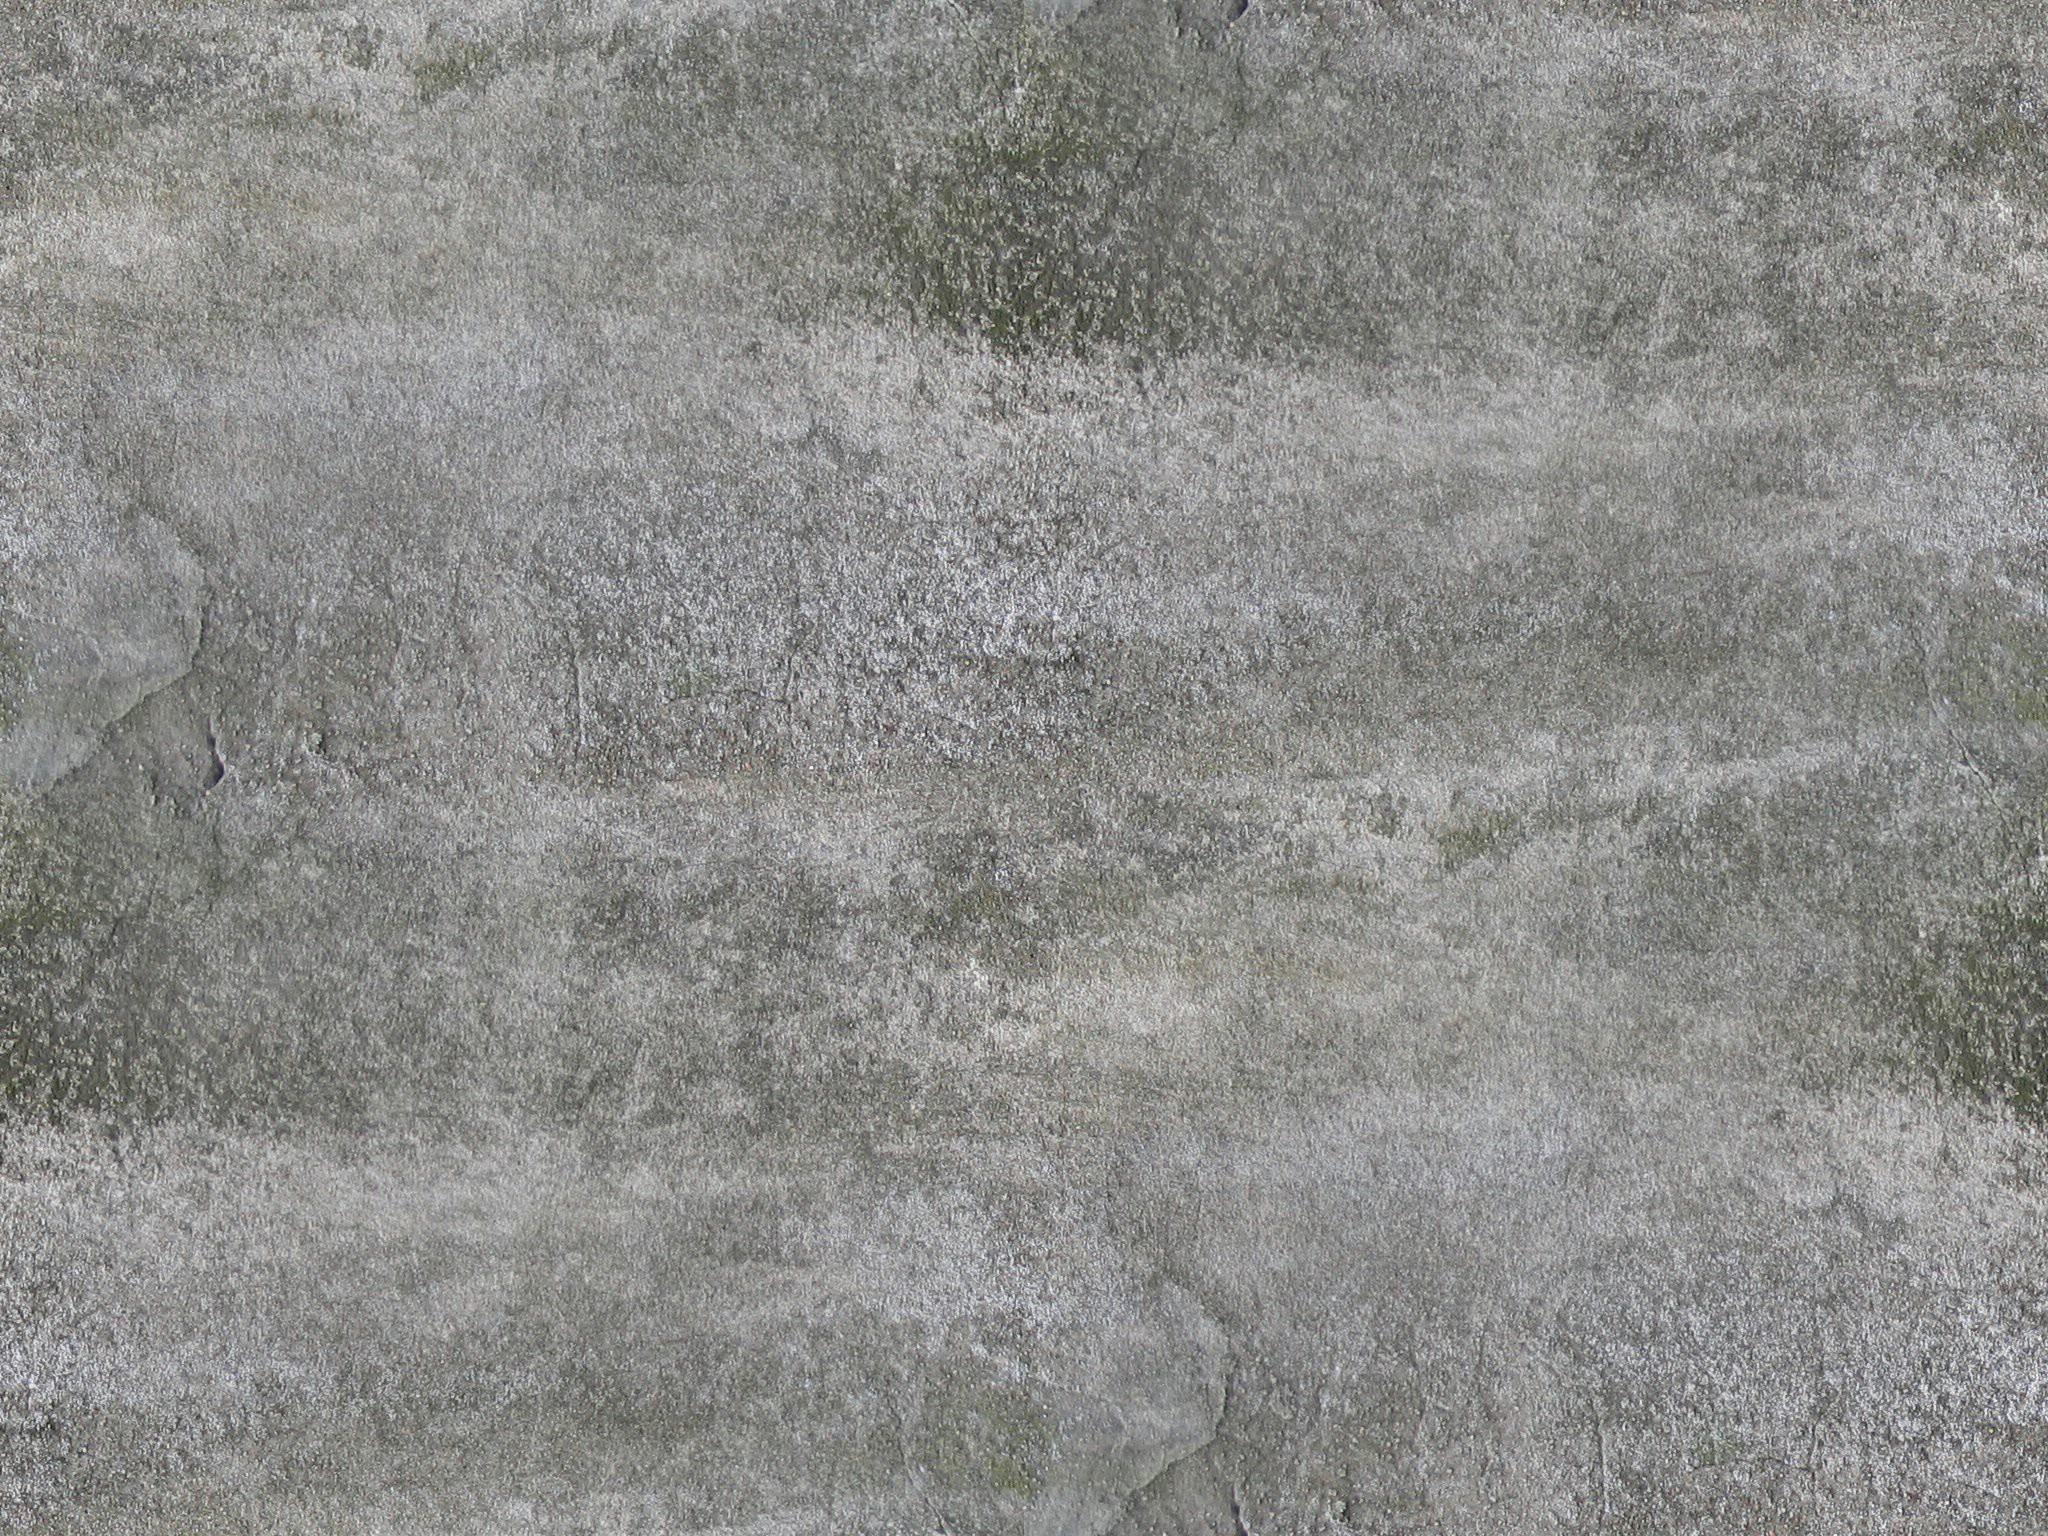 Бетон текстура фото липецкая область бетон